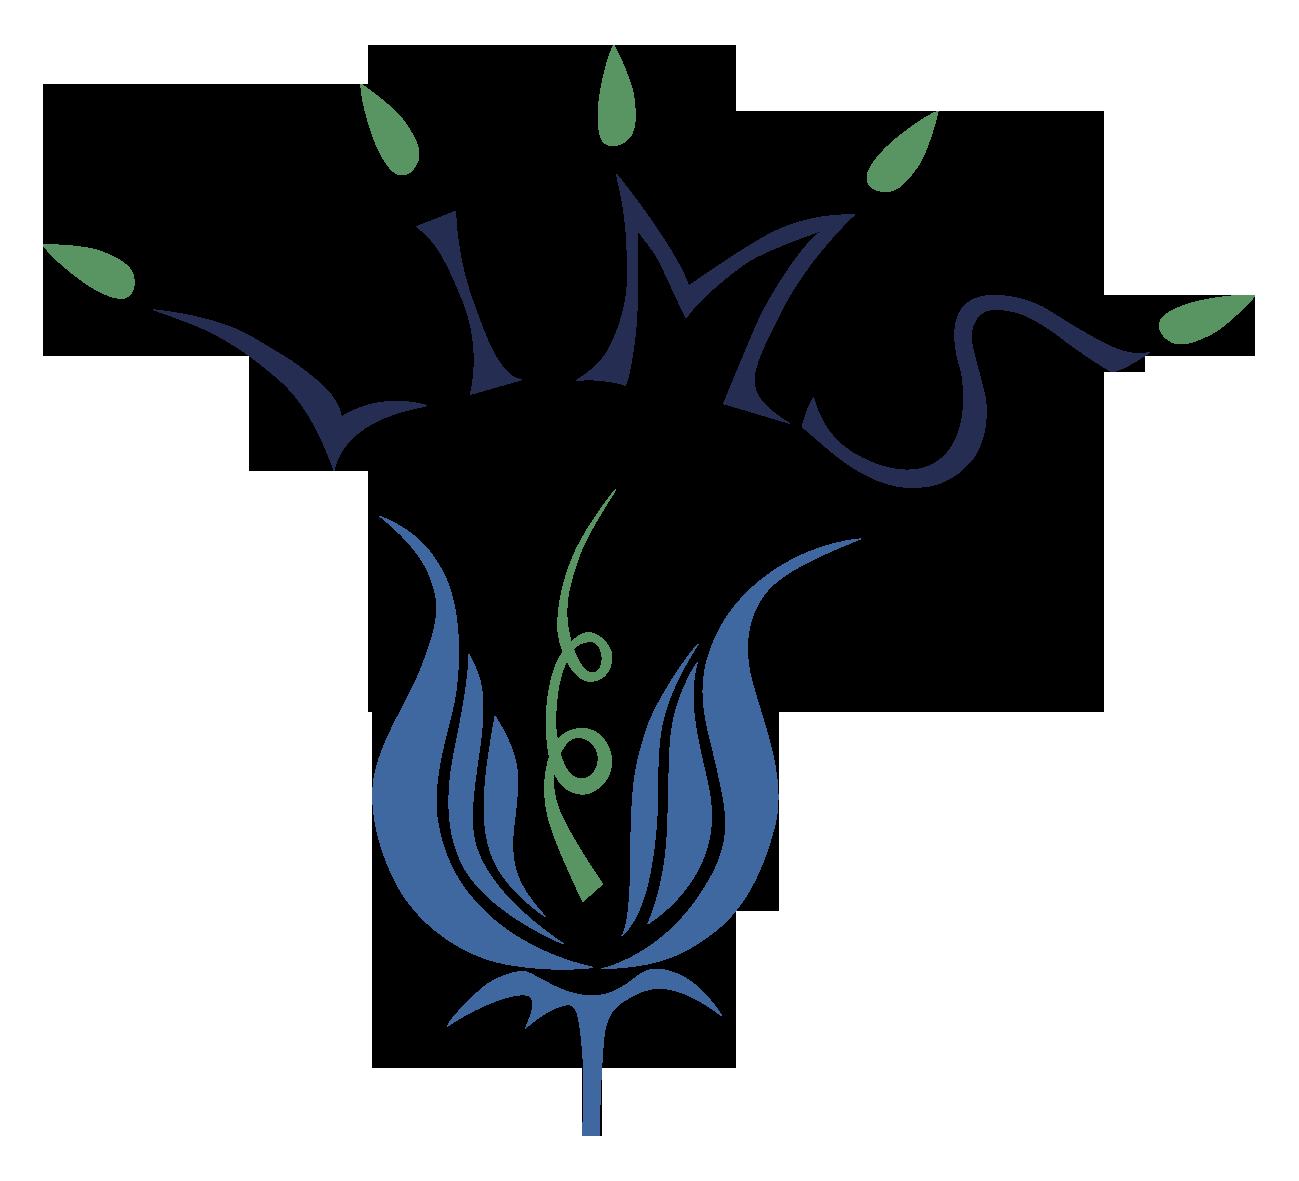 京都大学大学院「総合医療開発リーダー育成プログラム(LIMS)」のカリキュラムとしてインターンシップの受け入れを始めました。